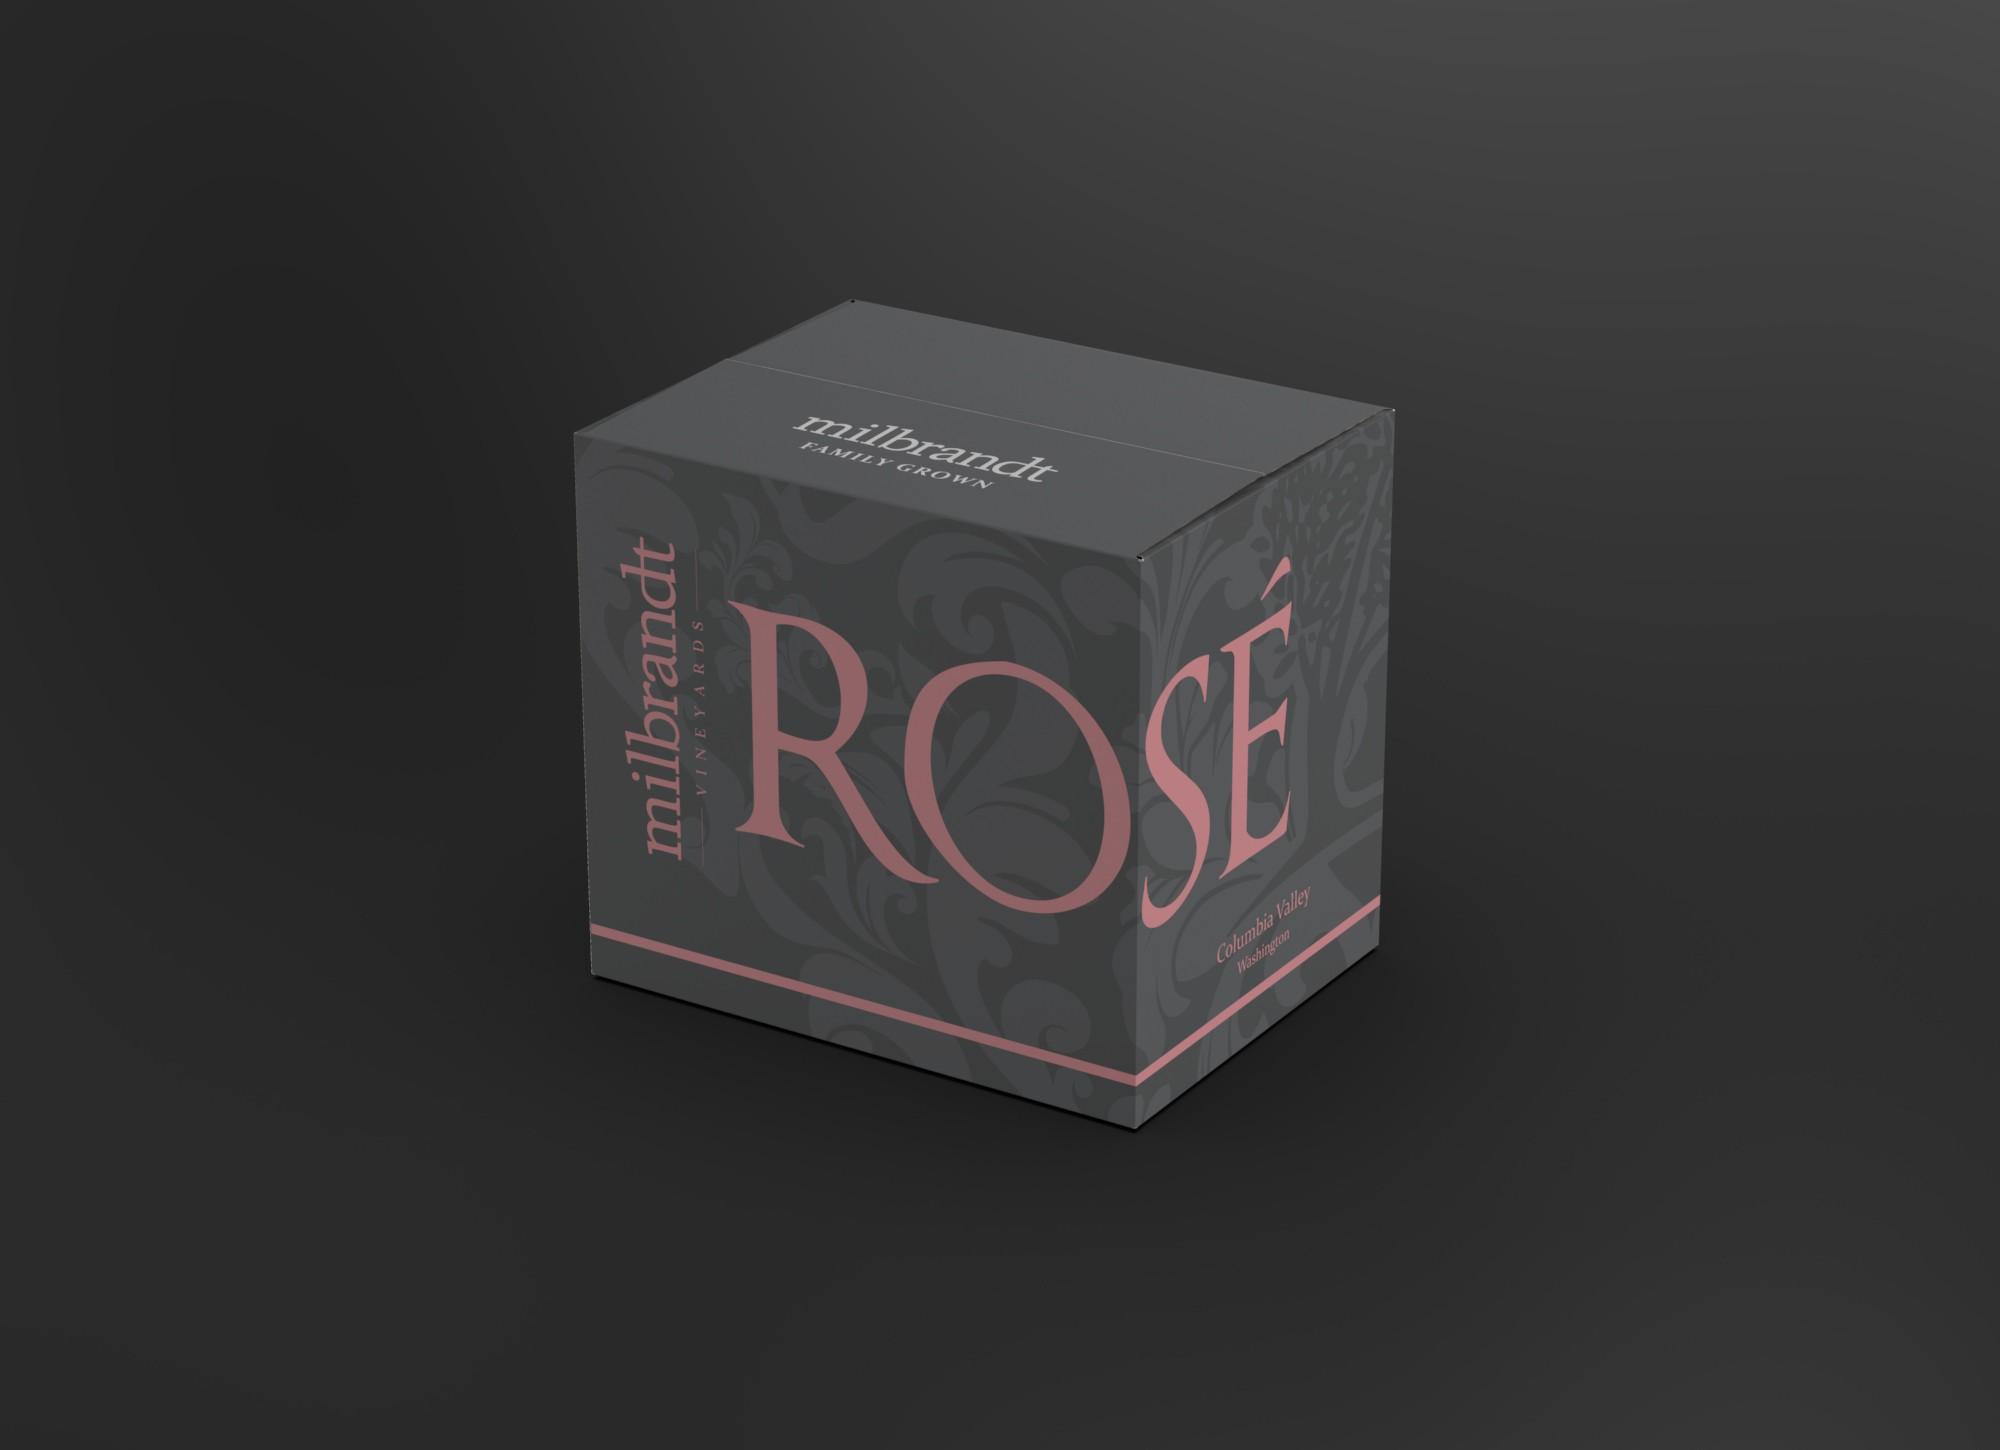 Milbrandt Rosé Shipper